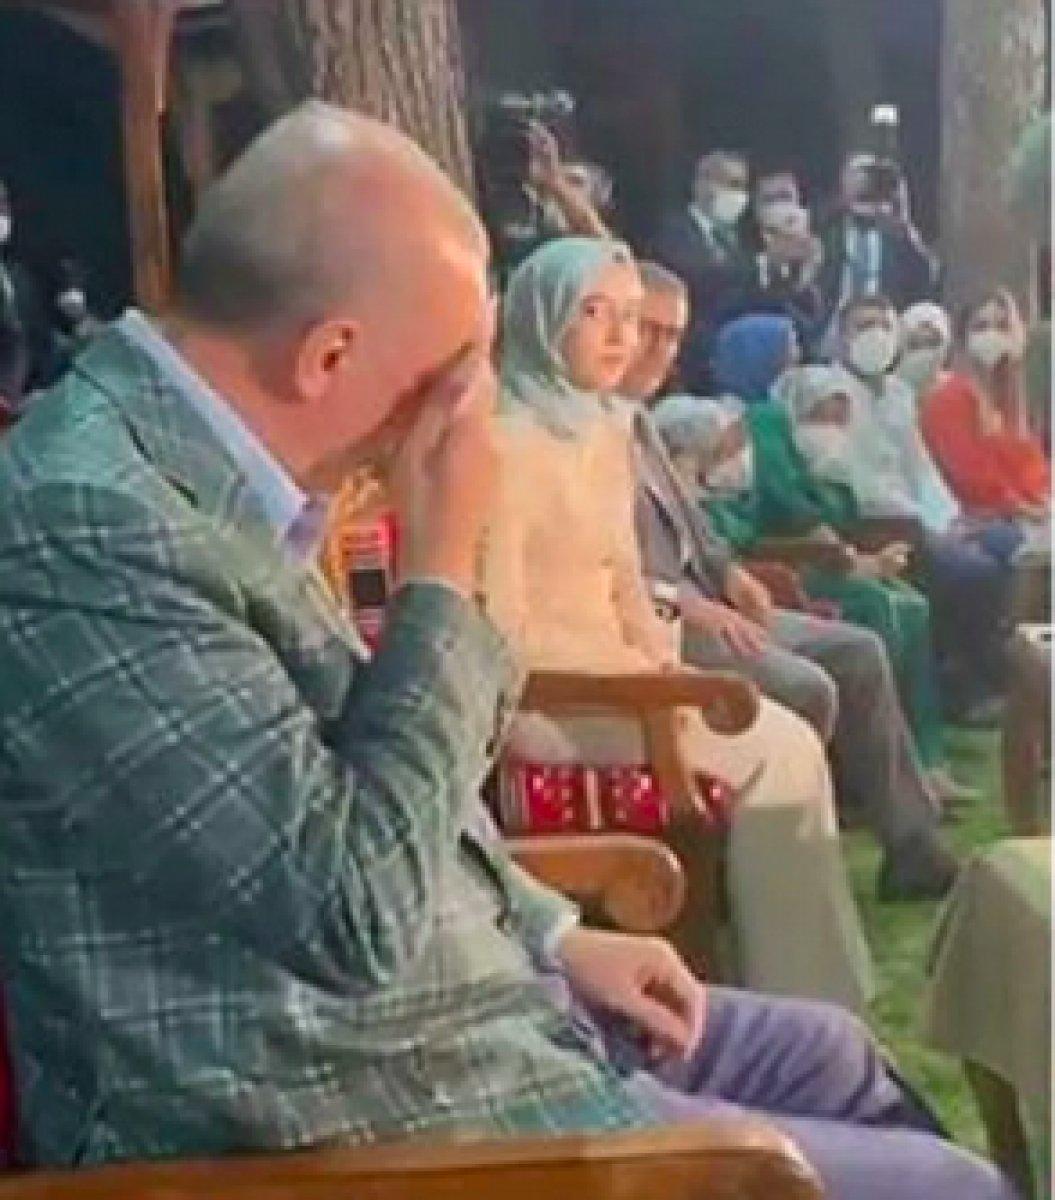 Cumhurbaşkanı Erdoğan, 22 yıl önce seslendirdiği şiiri dinleyince gözyaşlarına hakim olamadı #2